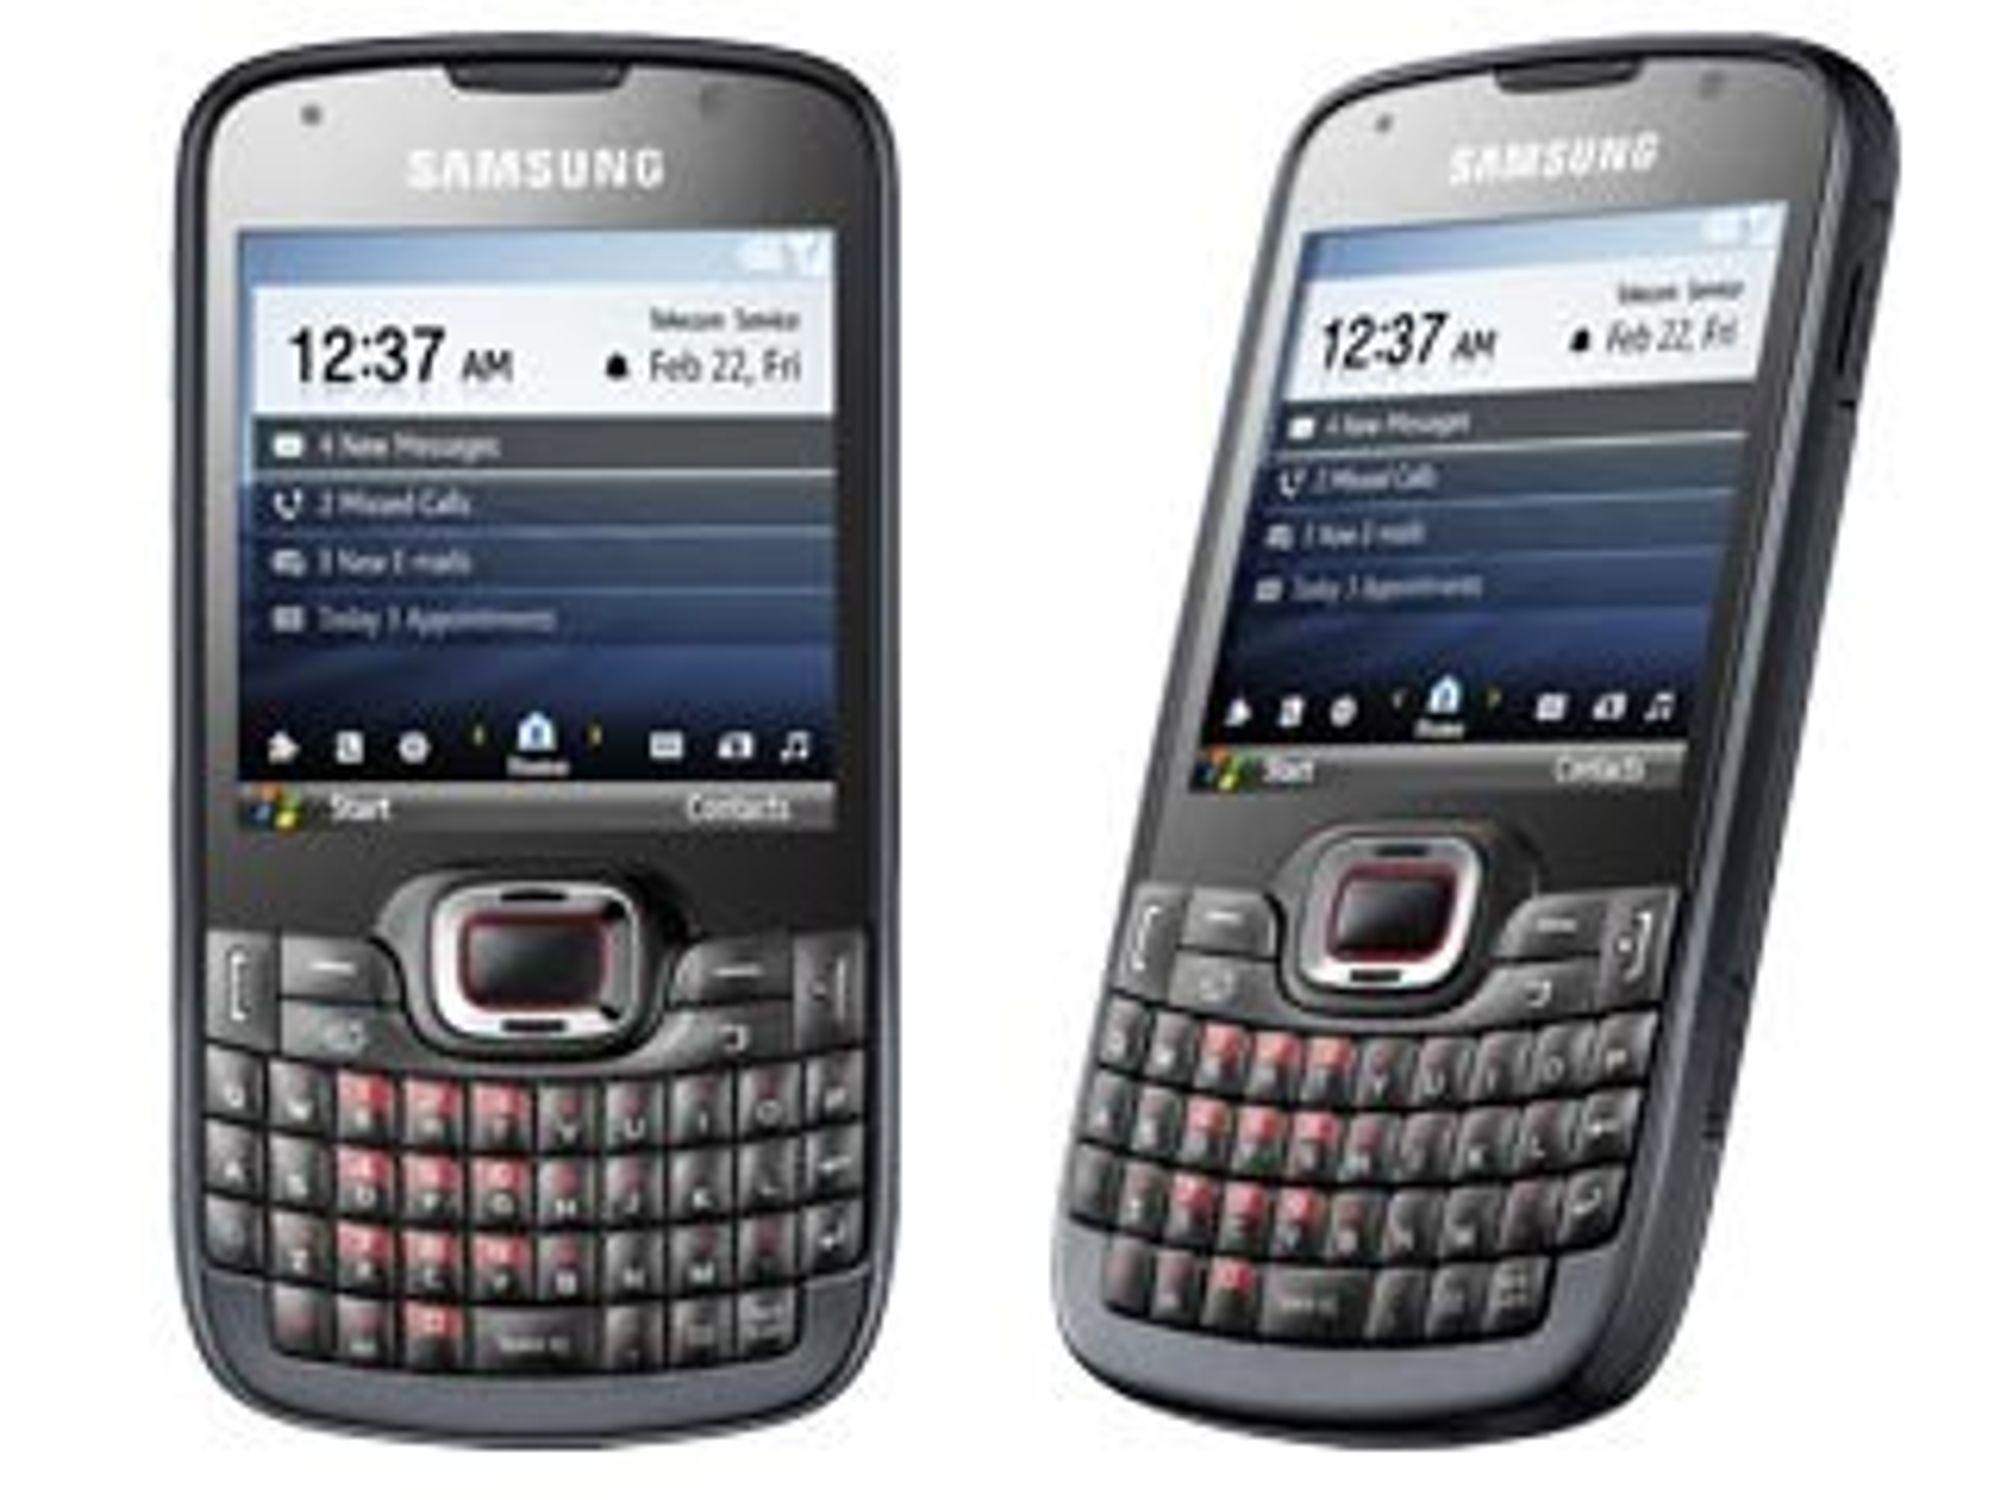 Samsung Omnia Pro B7330